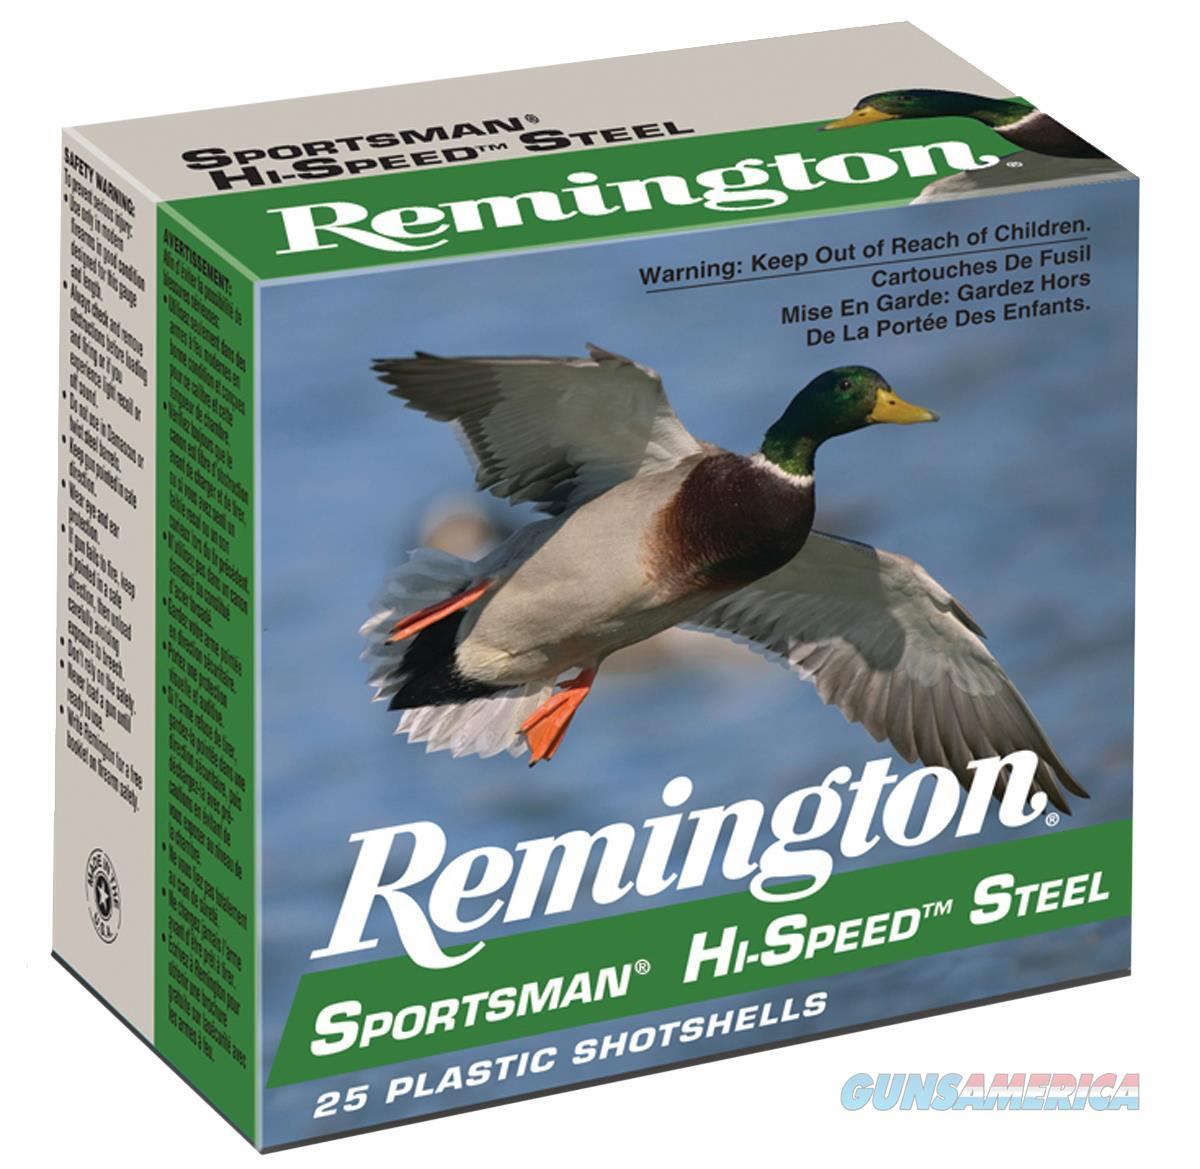 """Rem Ssthv12352 Sportsman Steel Loads 12 Ga 3.5"""" 1.4 Oz 2 Shot 25Box/10Case SSTHV12352  Non-Guns > Ammunition"""